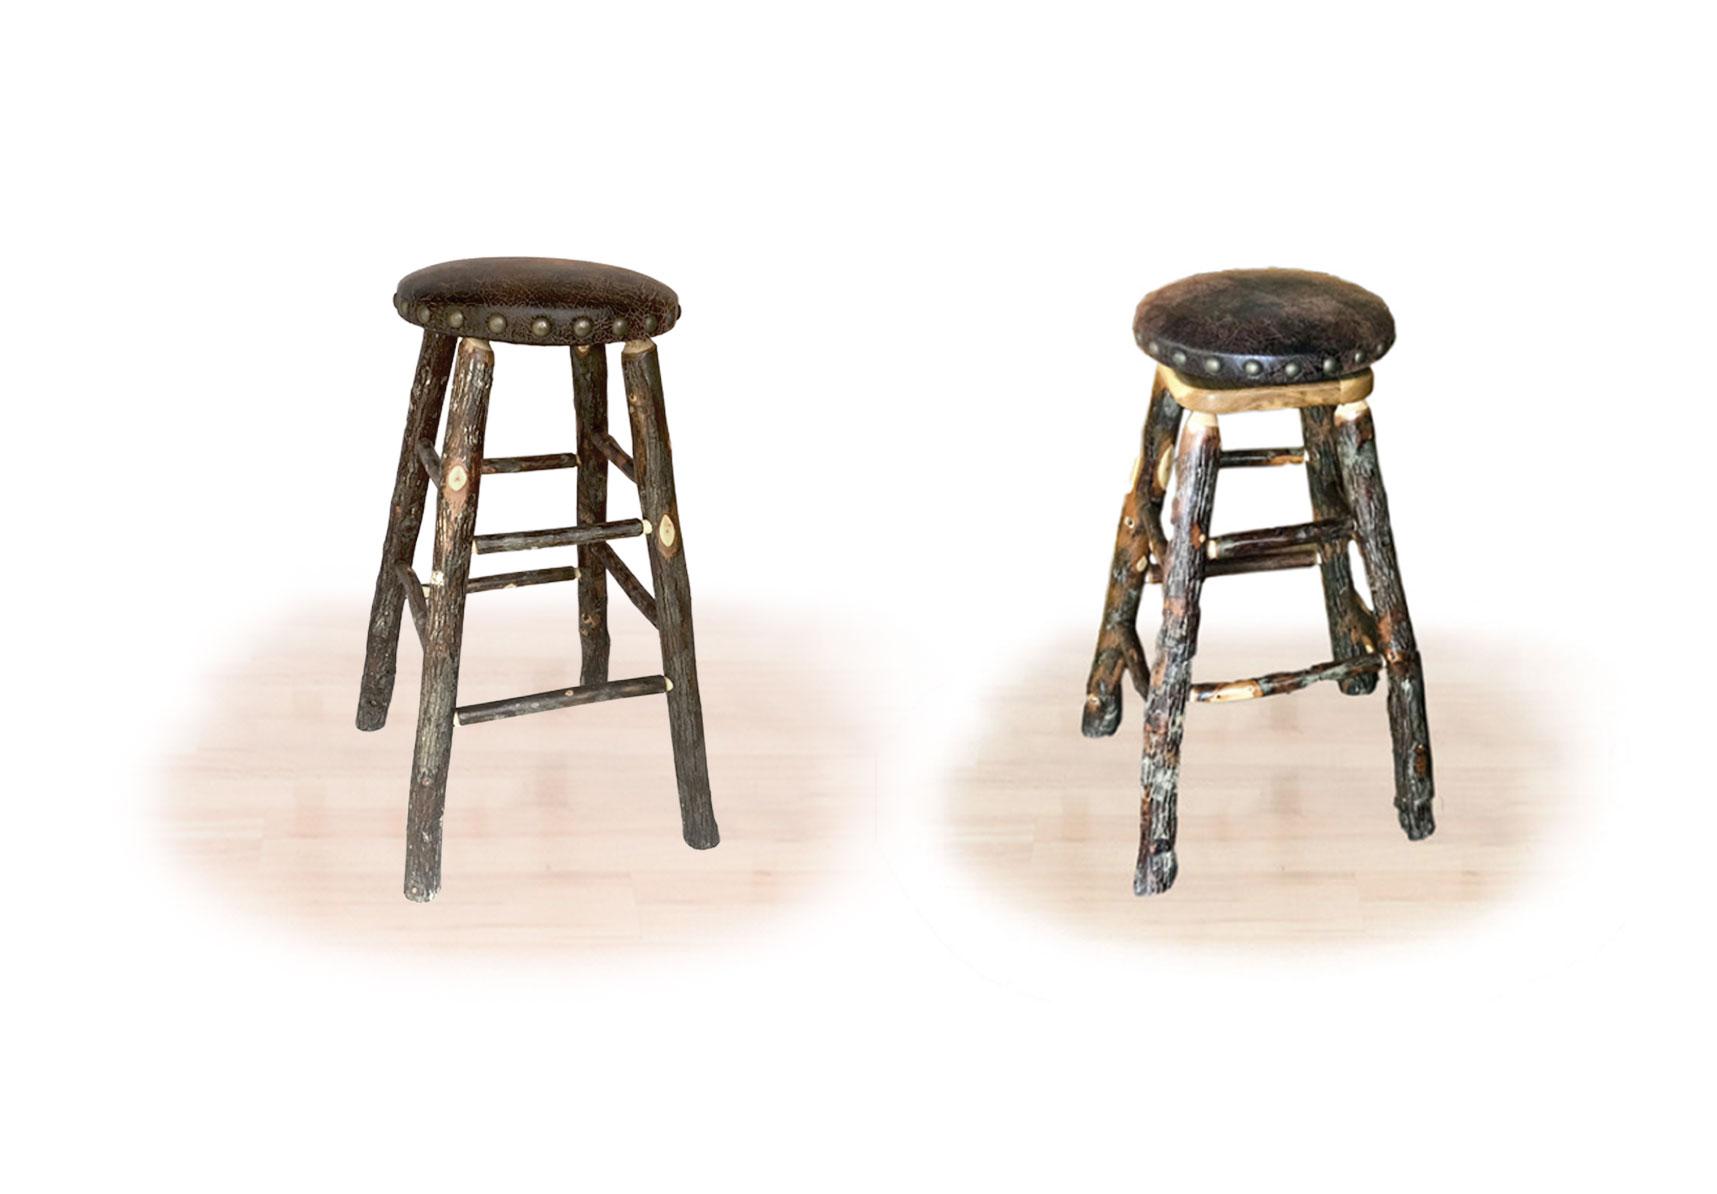 14 hickory padded stool